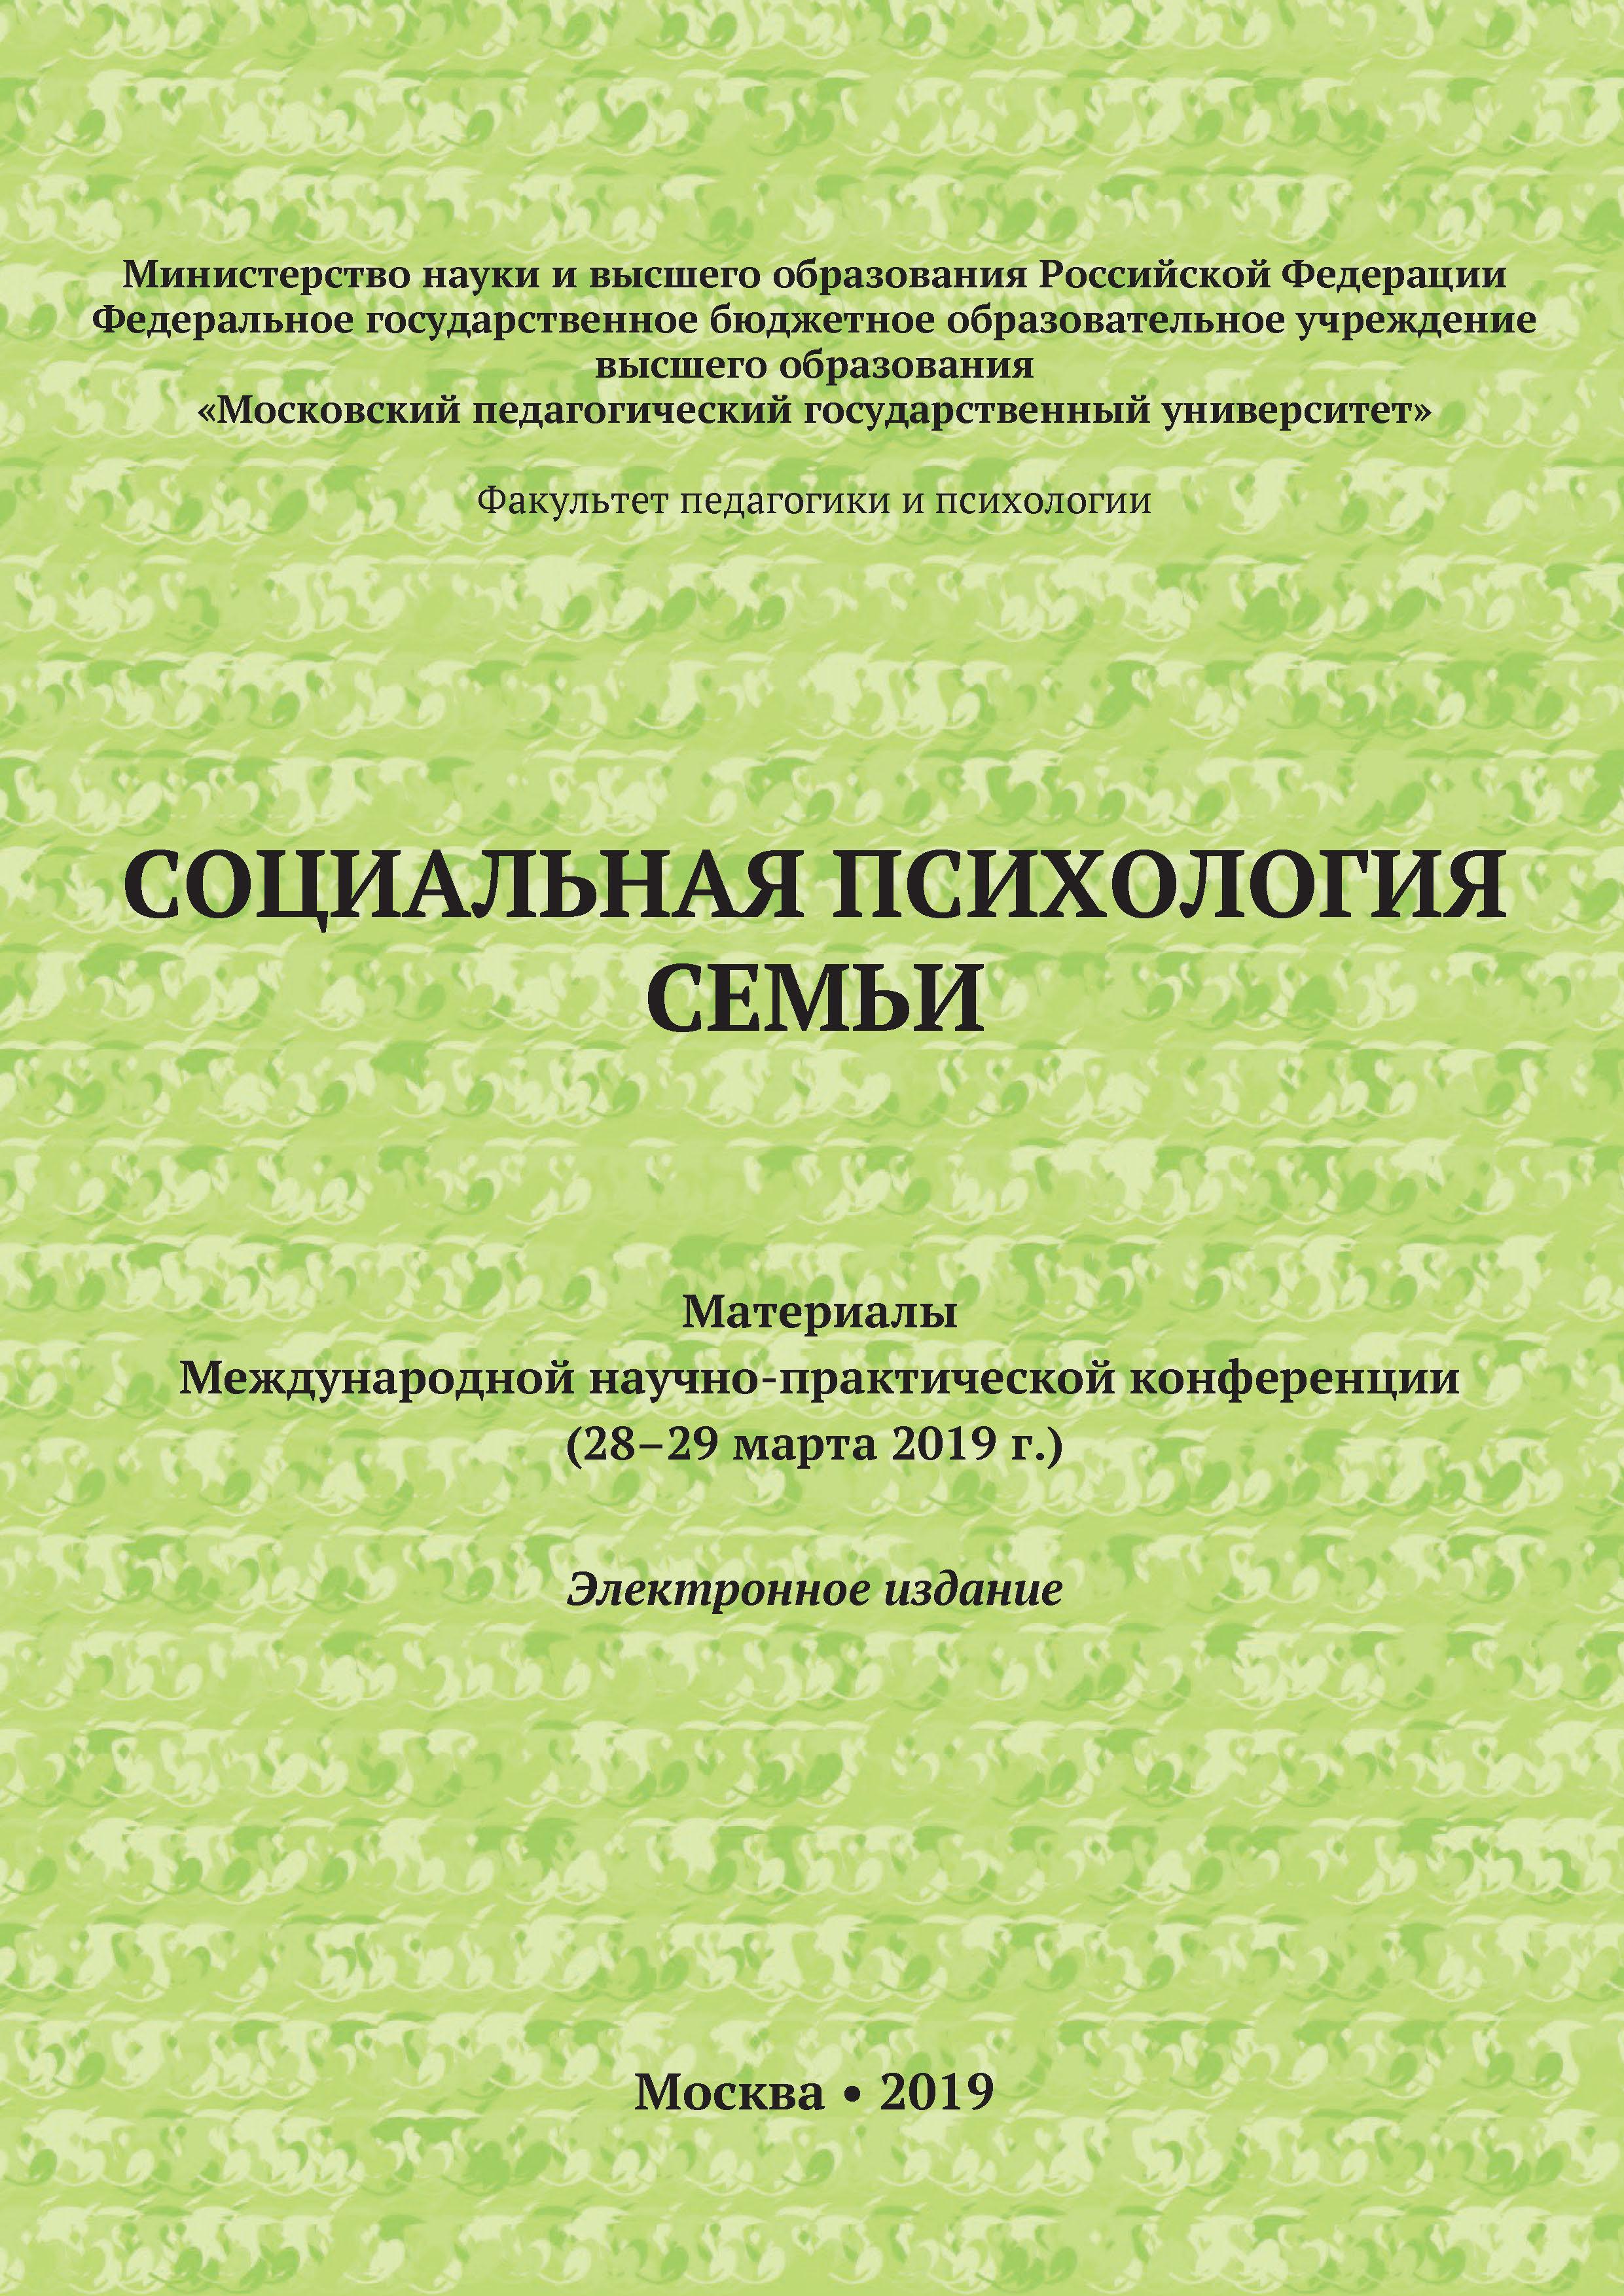 Социальная психология семьи. Материалы Международной научно-практической конференции (28–29 марта 2019 г.)